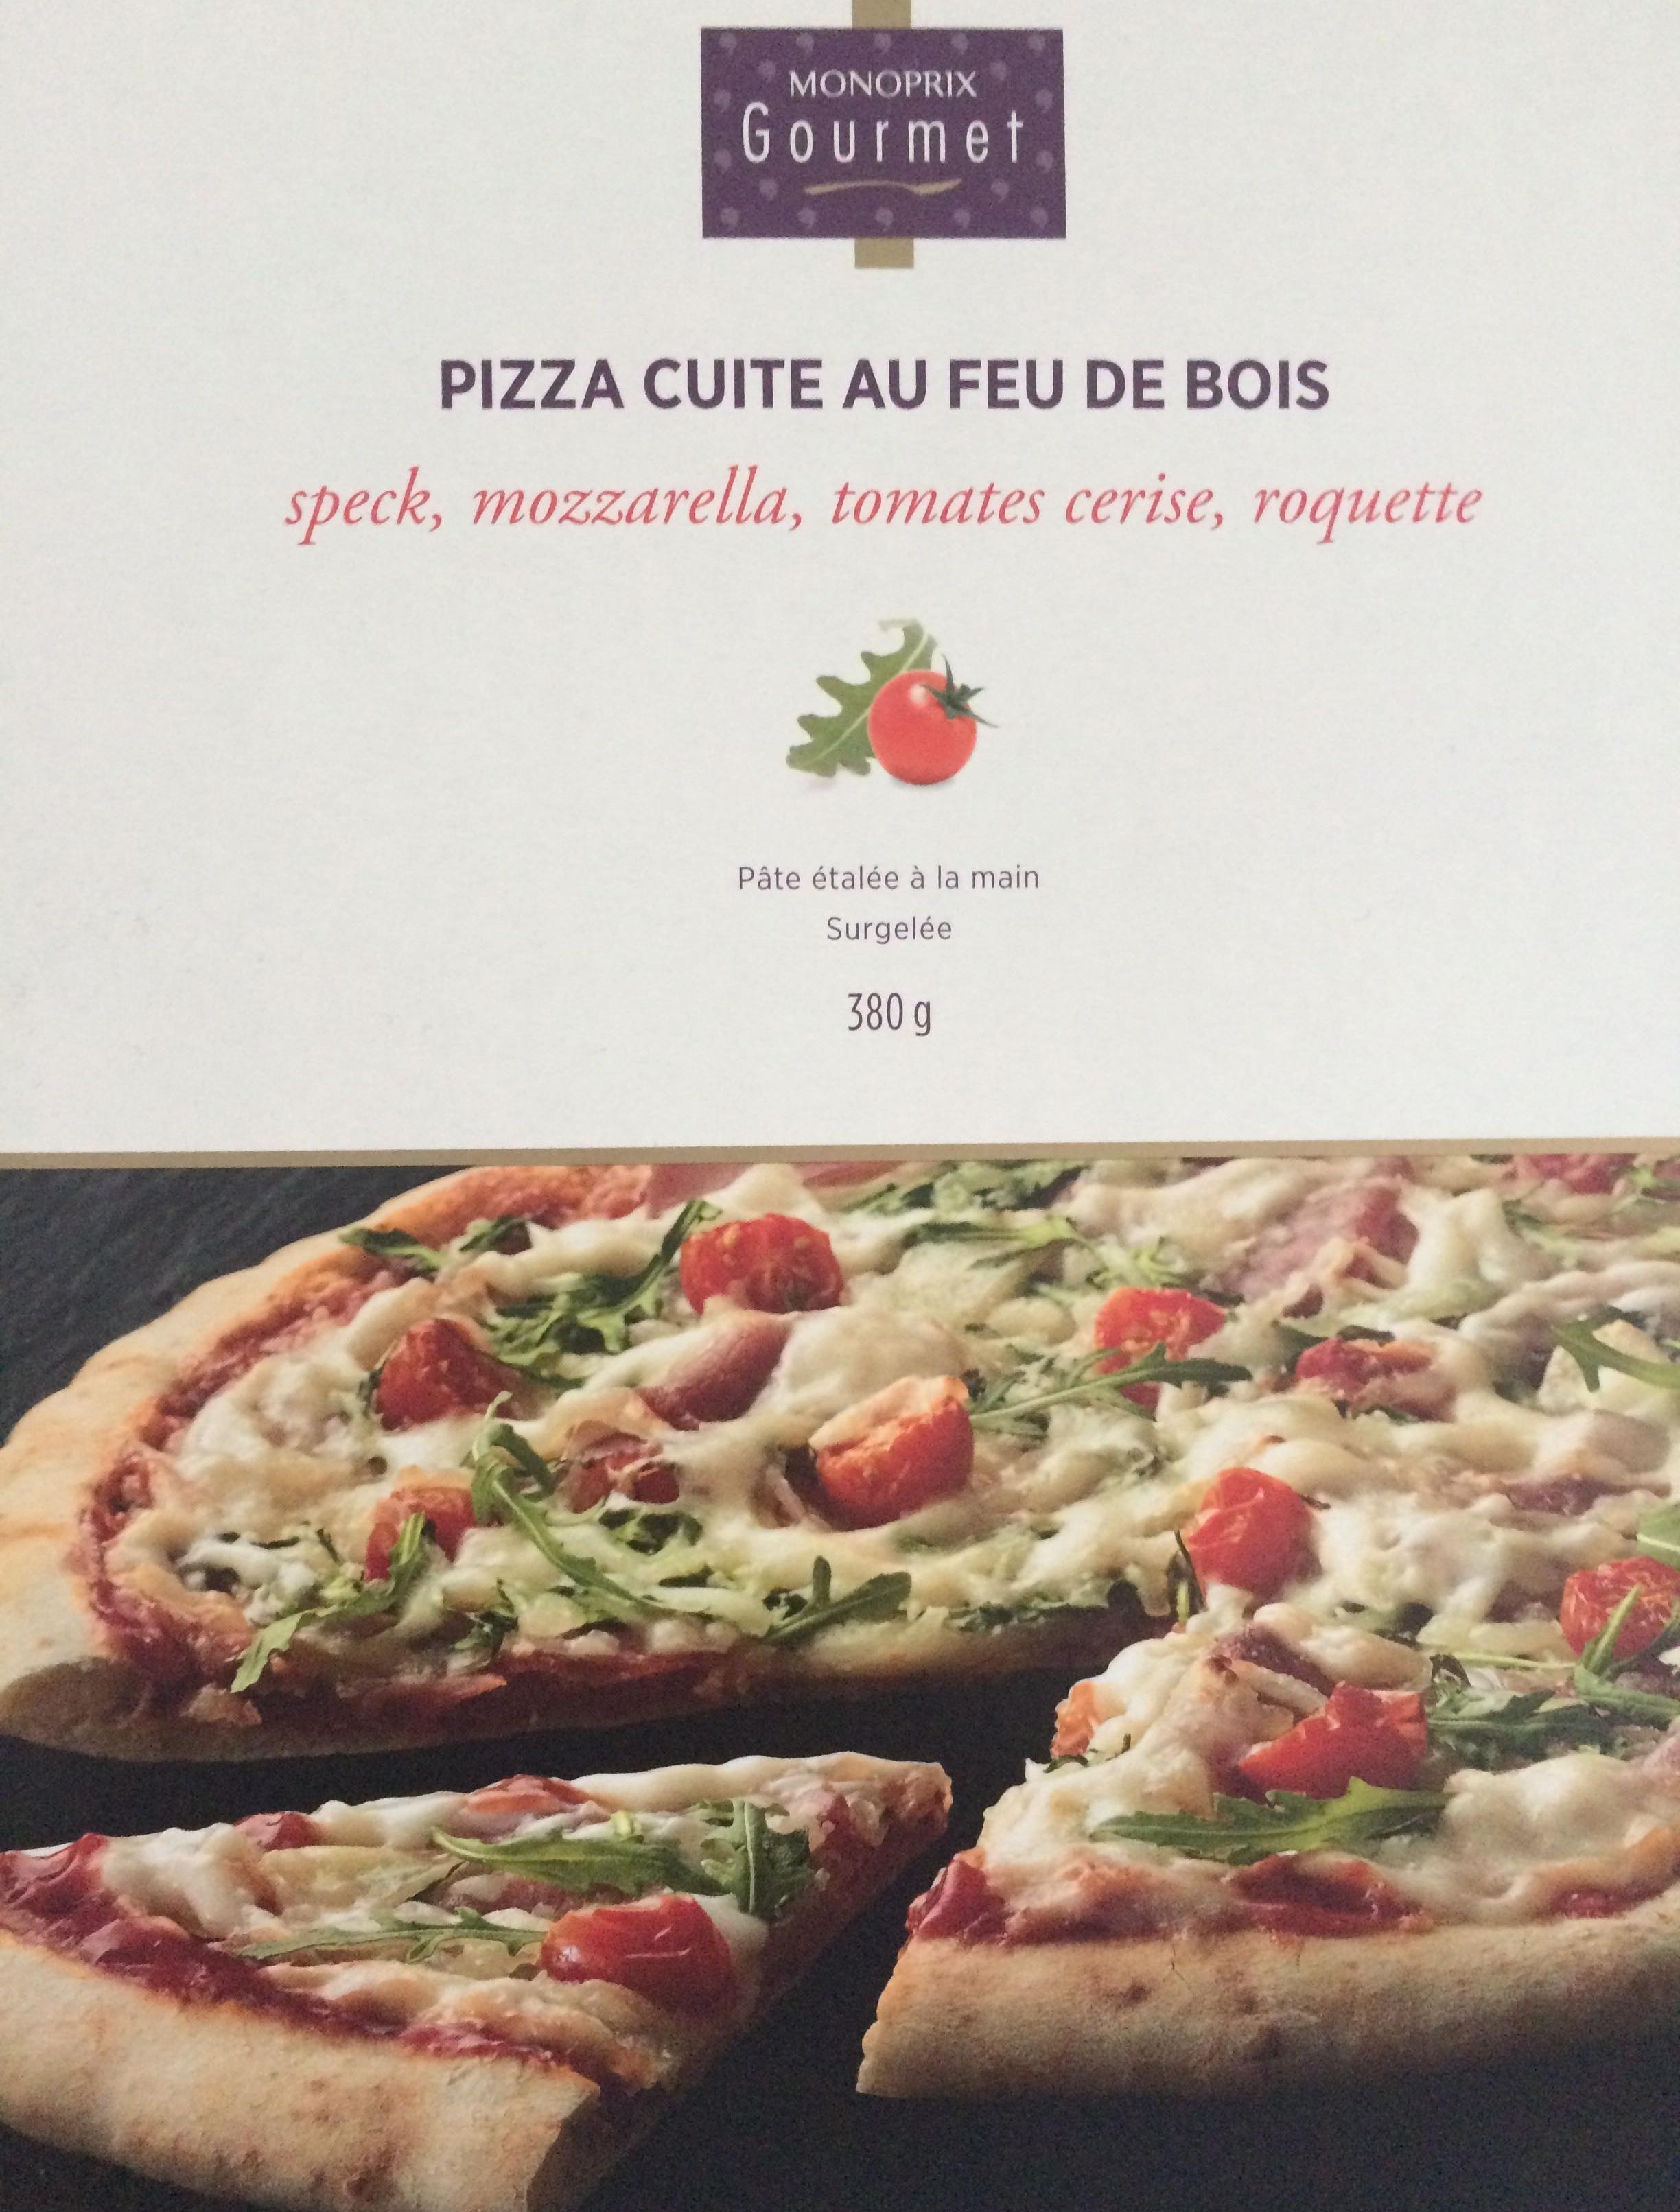 Pizza cuite au feu de bois speck, mozzarella, tomates cerise, roquette - Produit